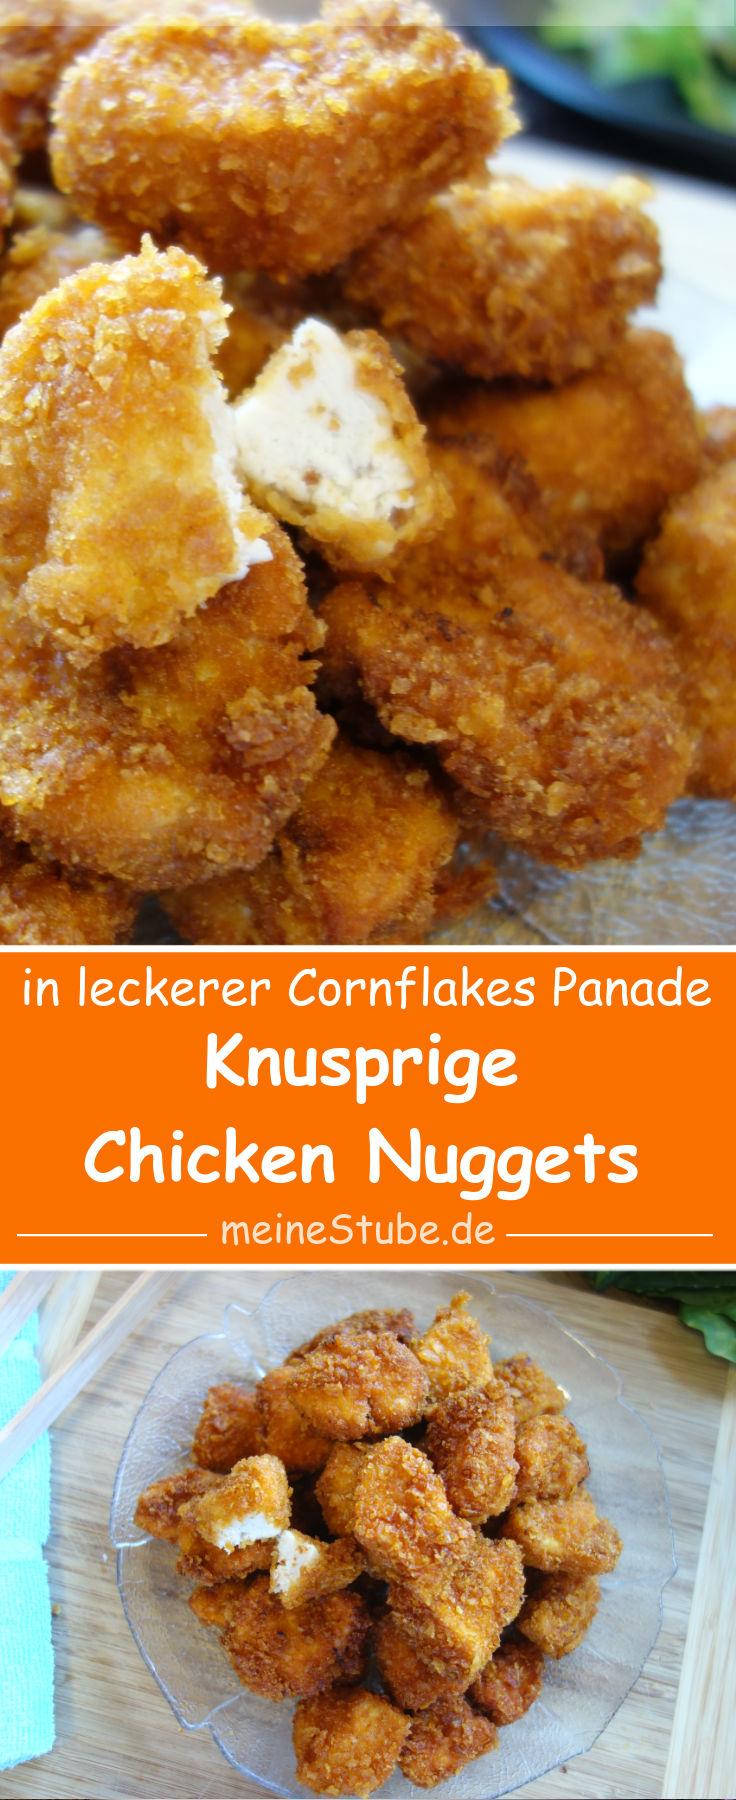 chicken-nuggets-cornflakes-panade.jpg